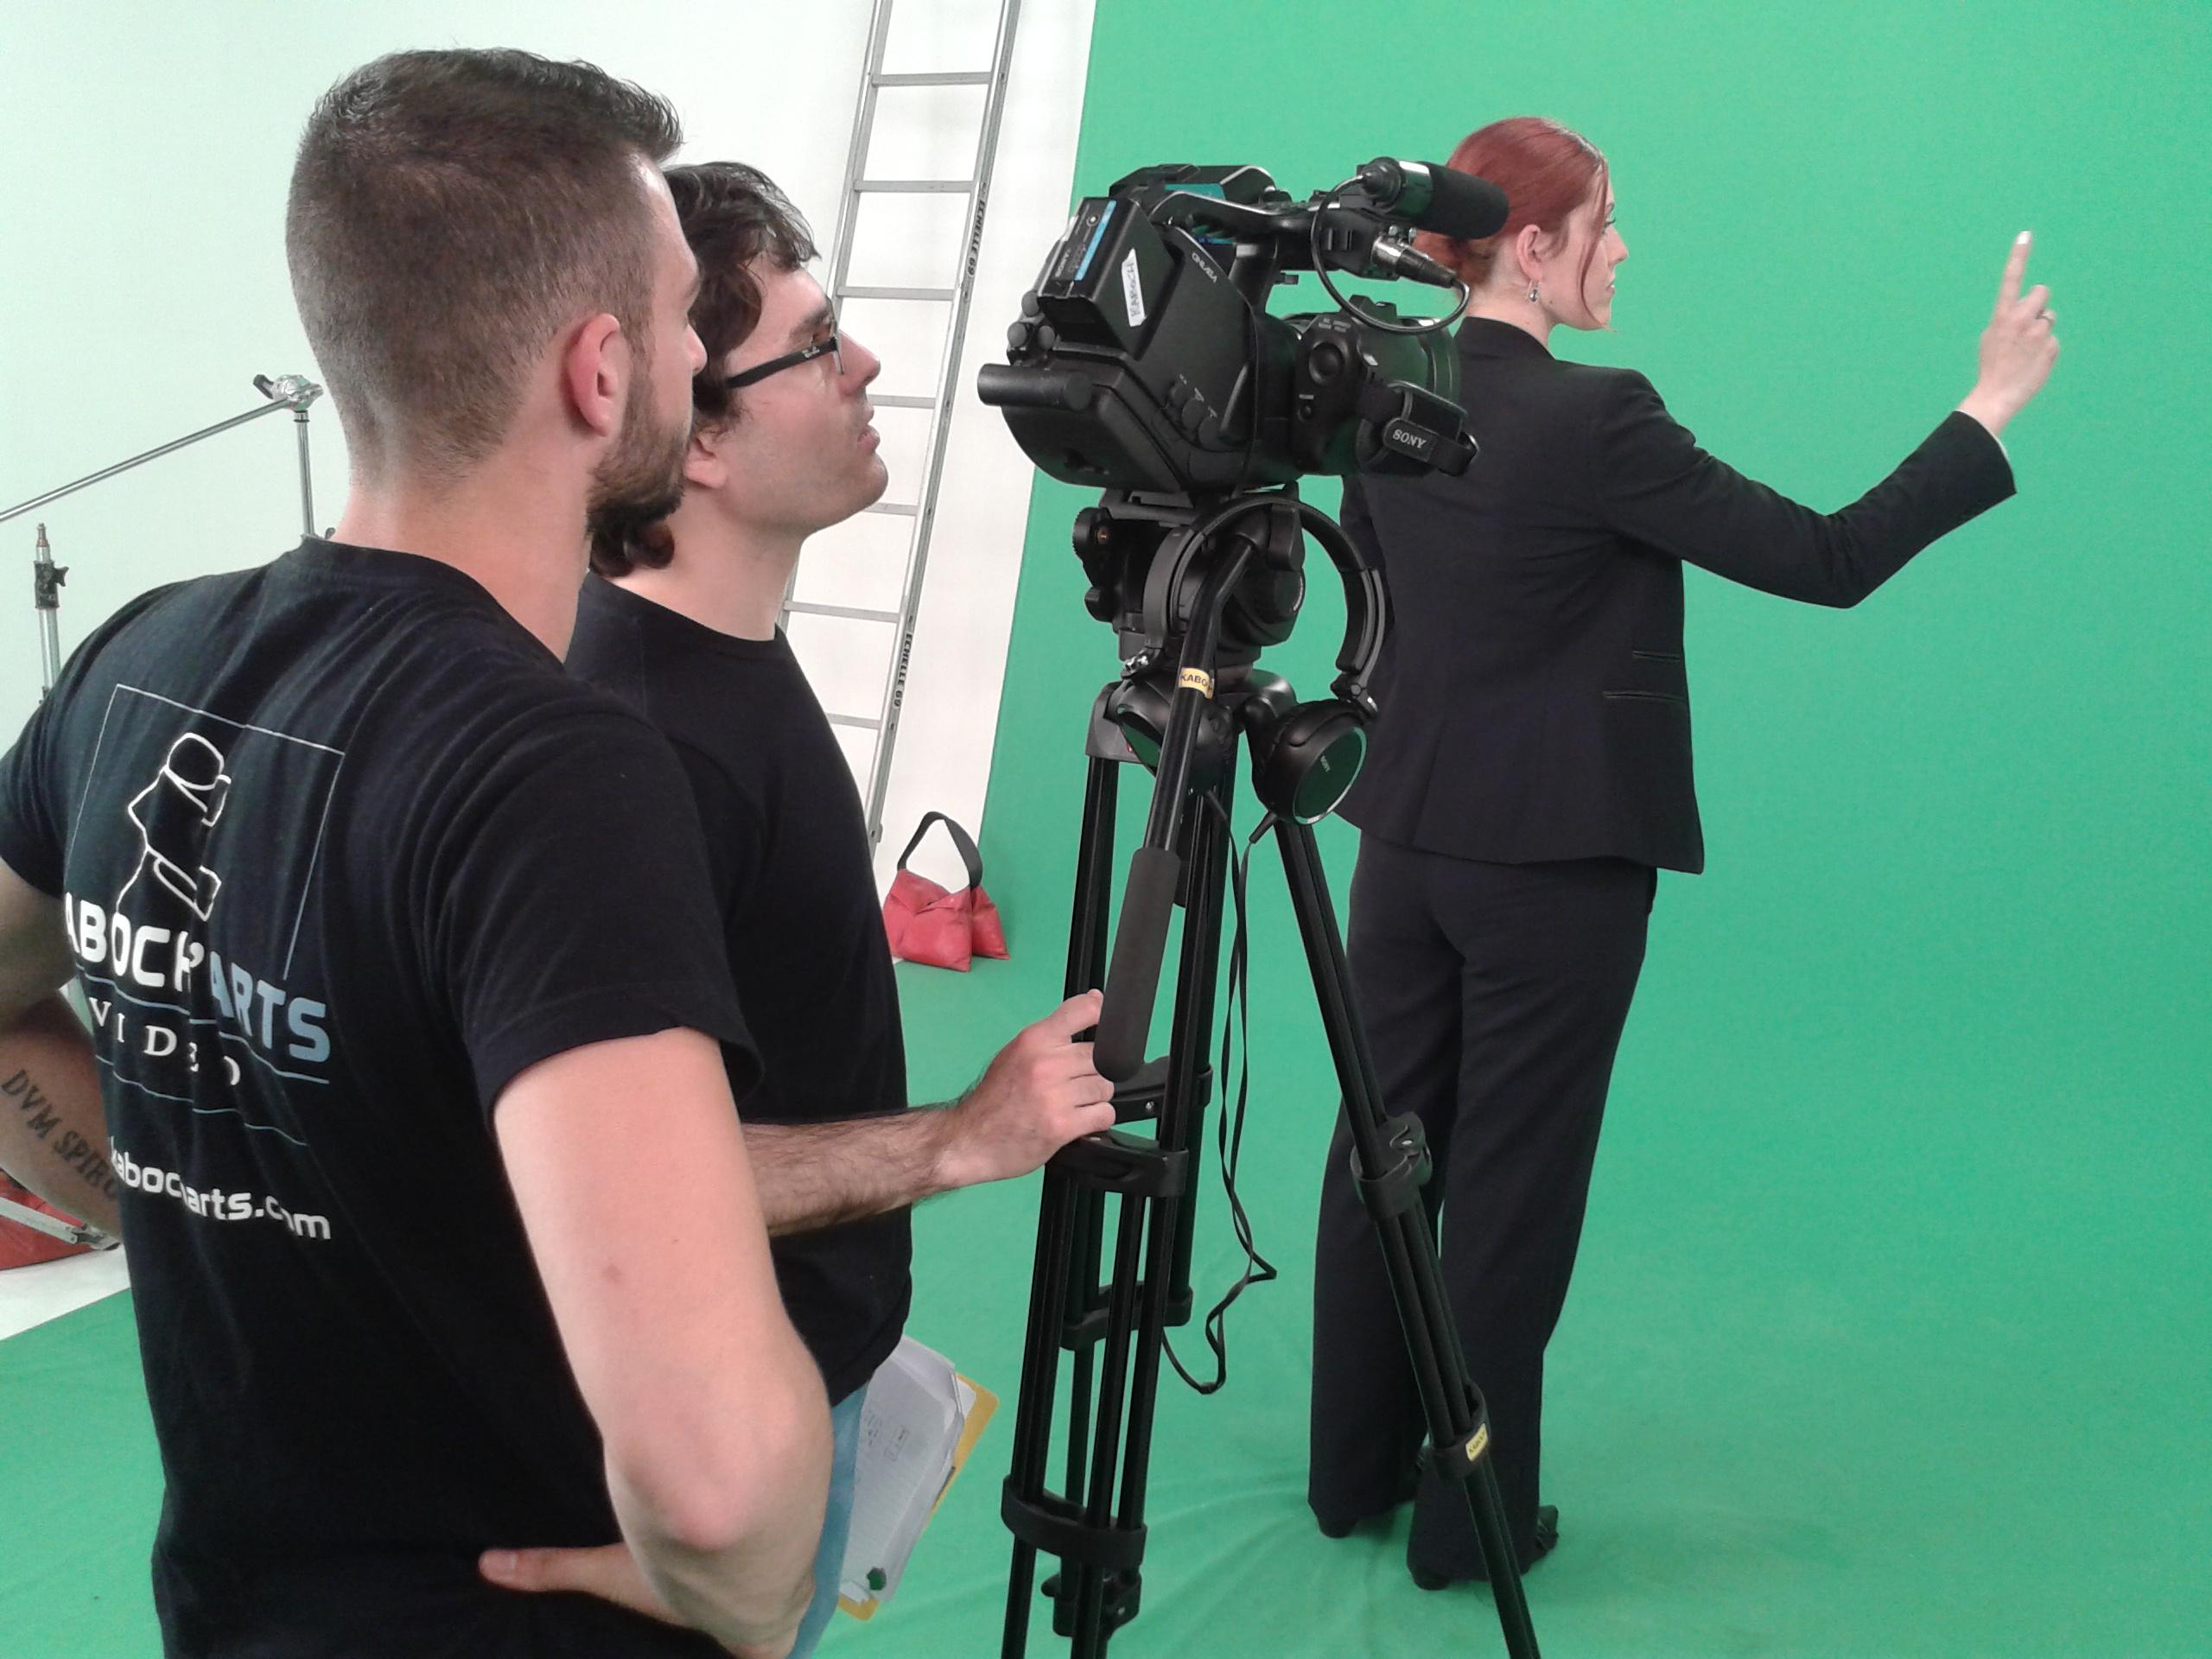 tournage vidéo sur fond vert